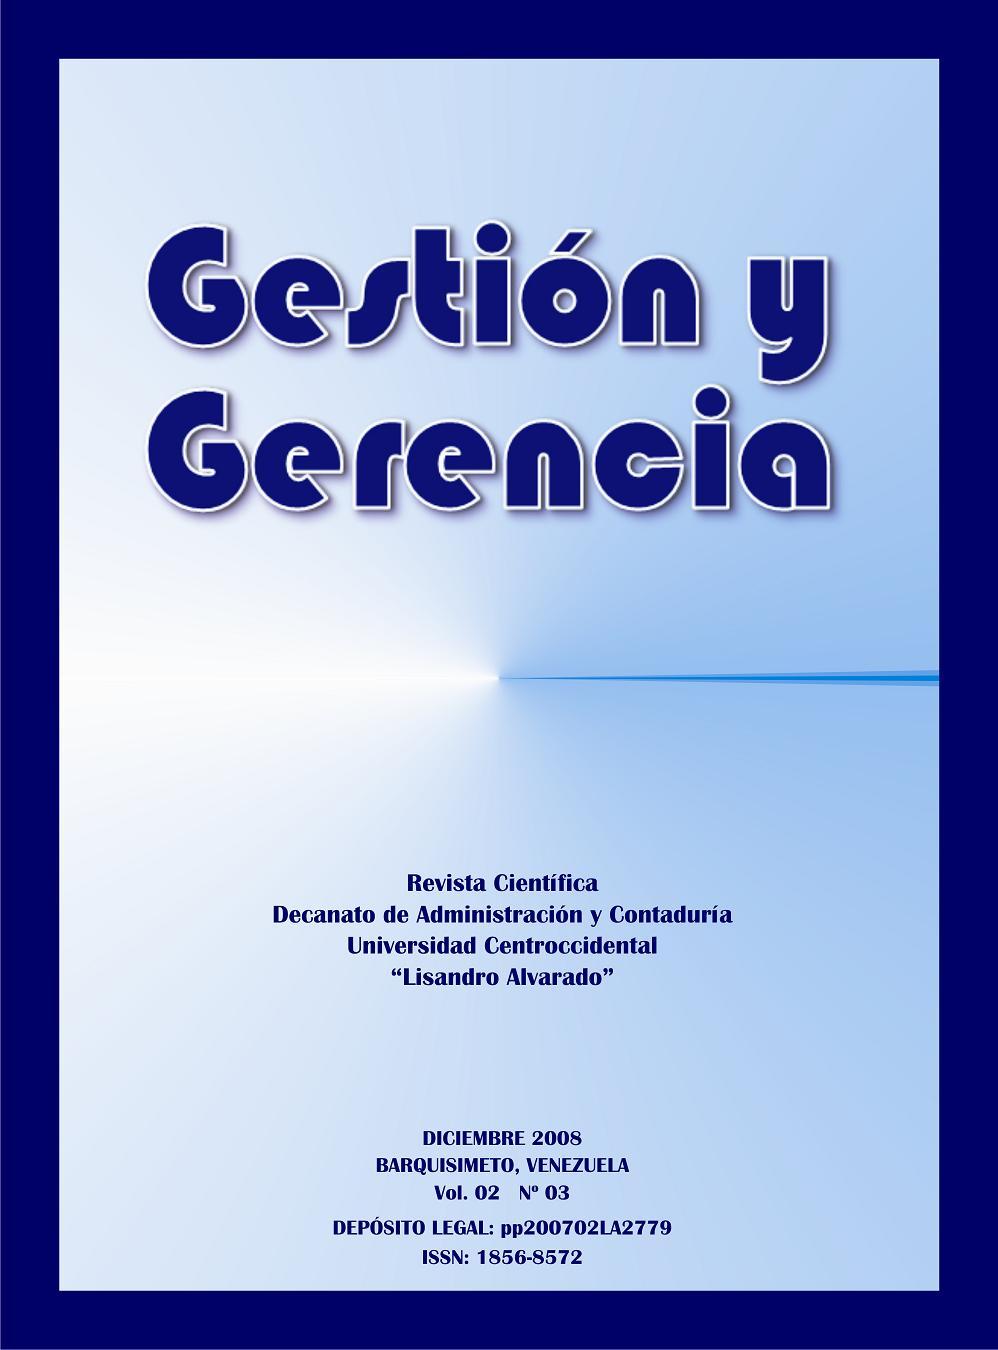 Descripción: Descripción: http://www.ucla.edu.ve/DAC/investigacion/gyg/GyG%202008/Agosto%202008/Portada-Ago-2008.jpg